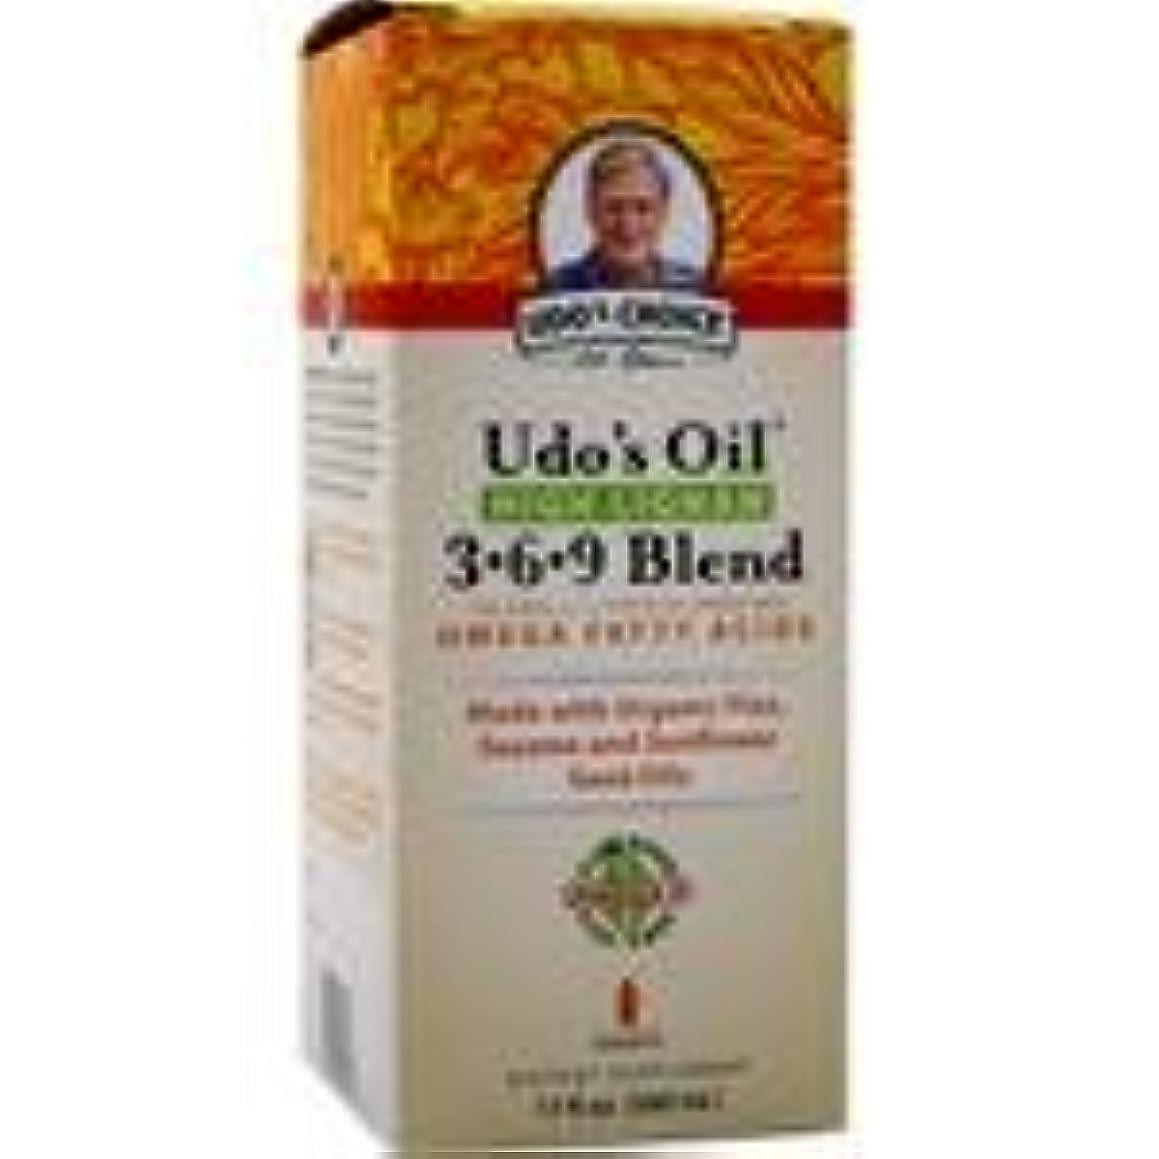 刺します没頭するつまずくUdo's Oil High Lignan 3-6-9 Blend 17 fl.oz 4個パック